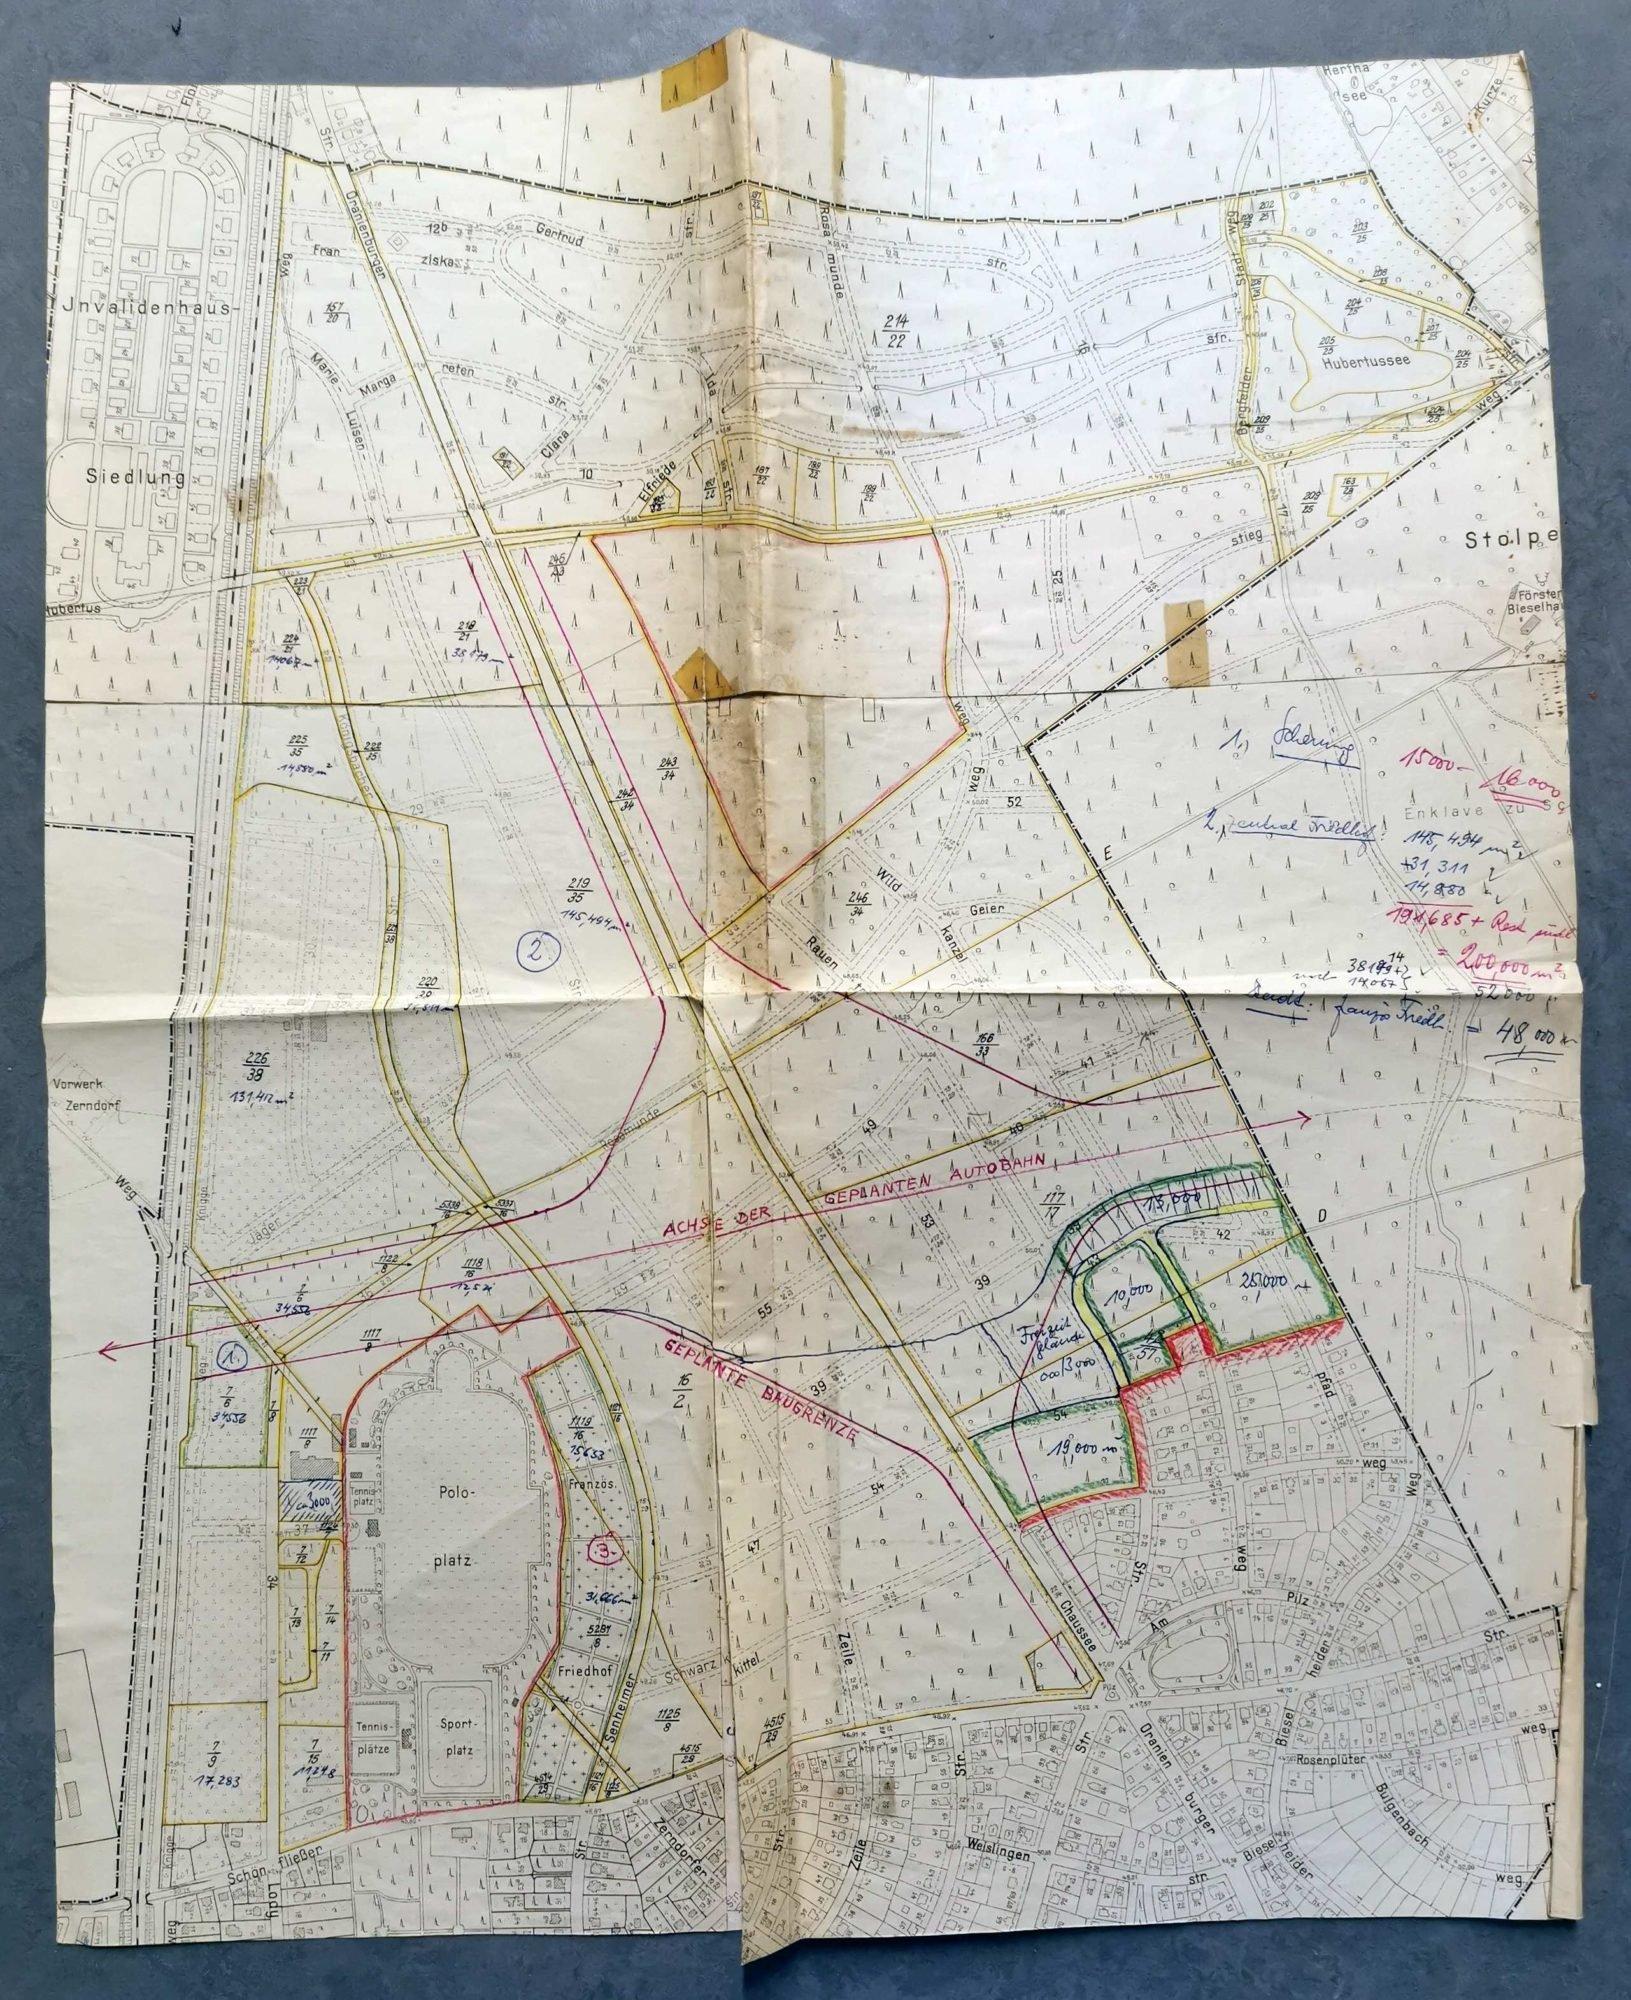 Ein Foto des Flächennutzungsplans.